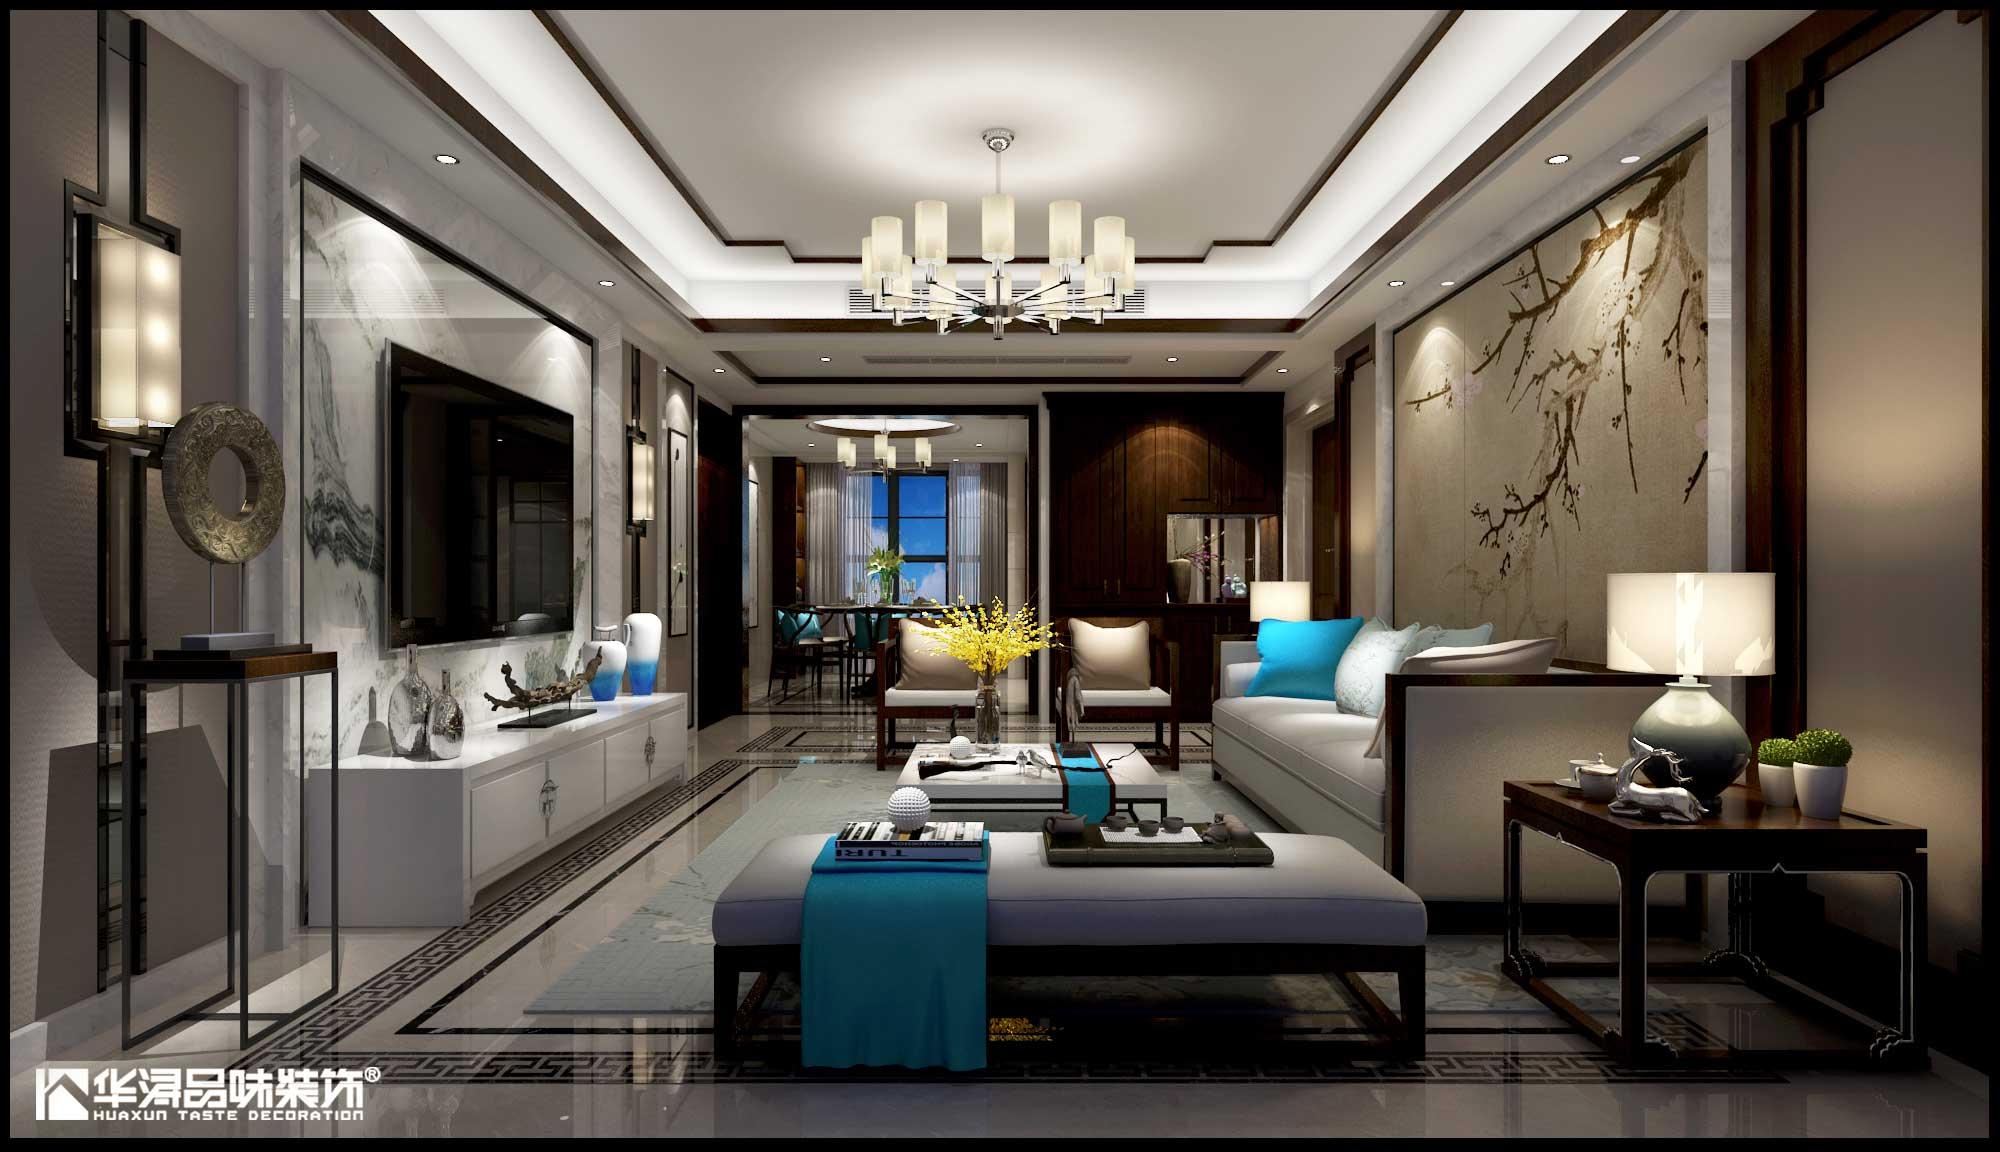 海景国际 新中式 三房